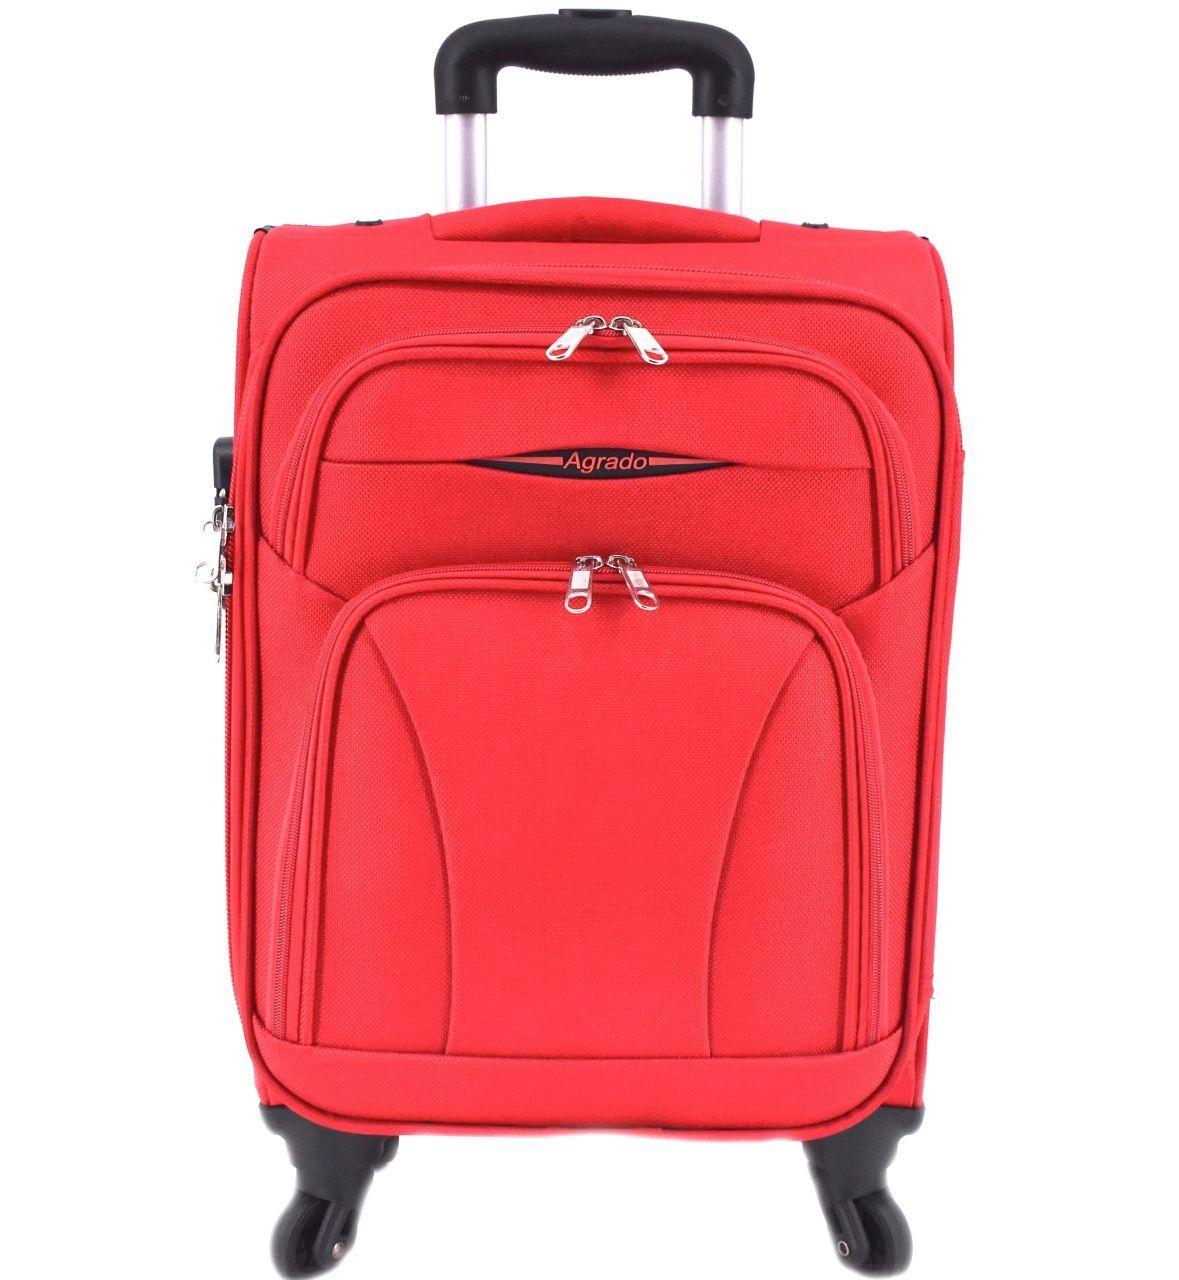 Cestovní textilní kufr na čtyřech kolečkách Agrado (S) 45l - červená 8021 (S)